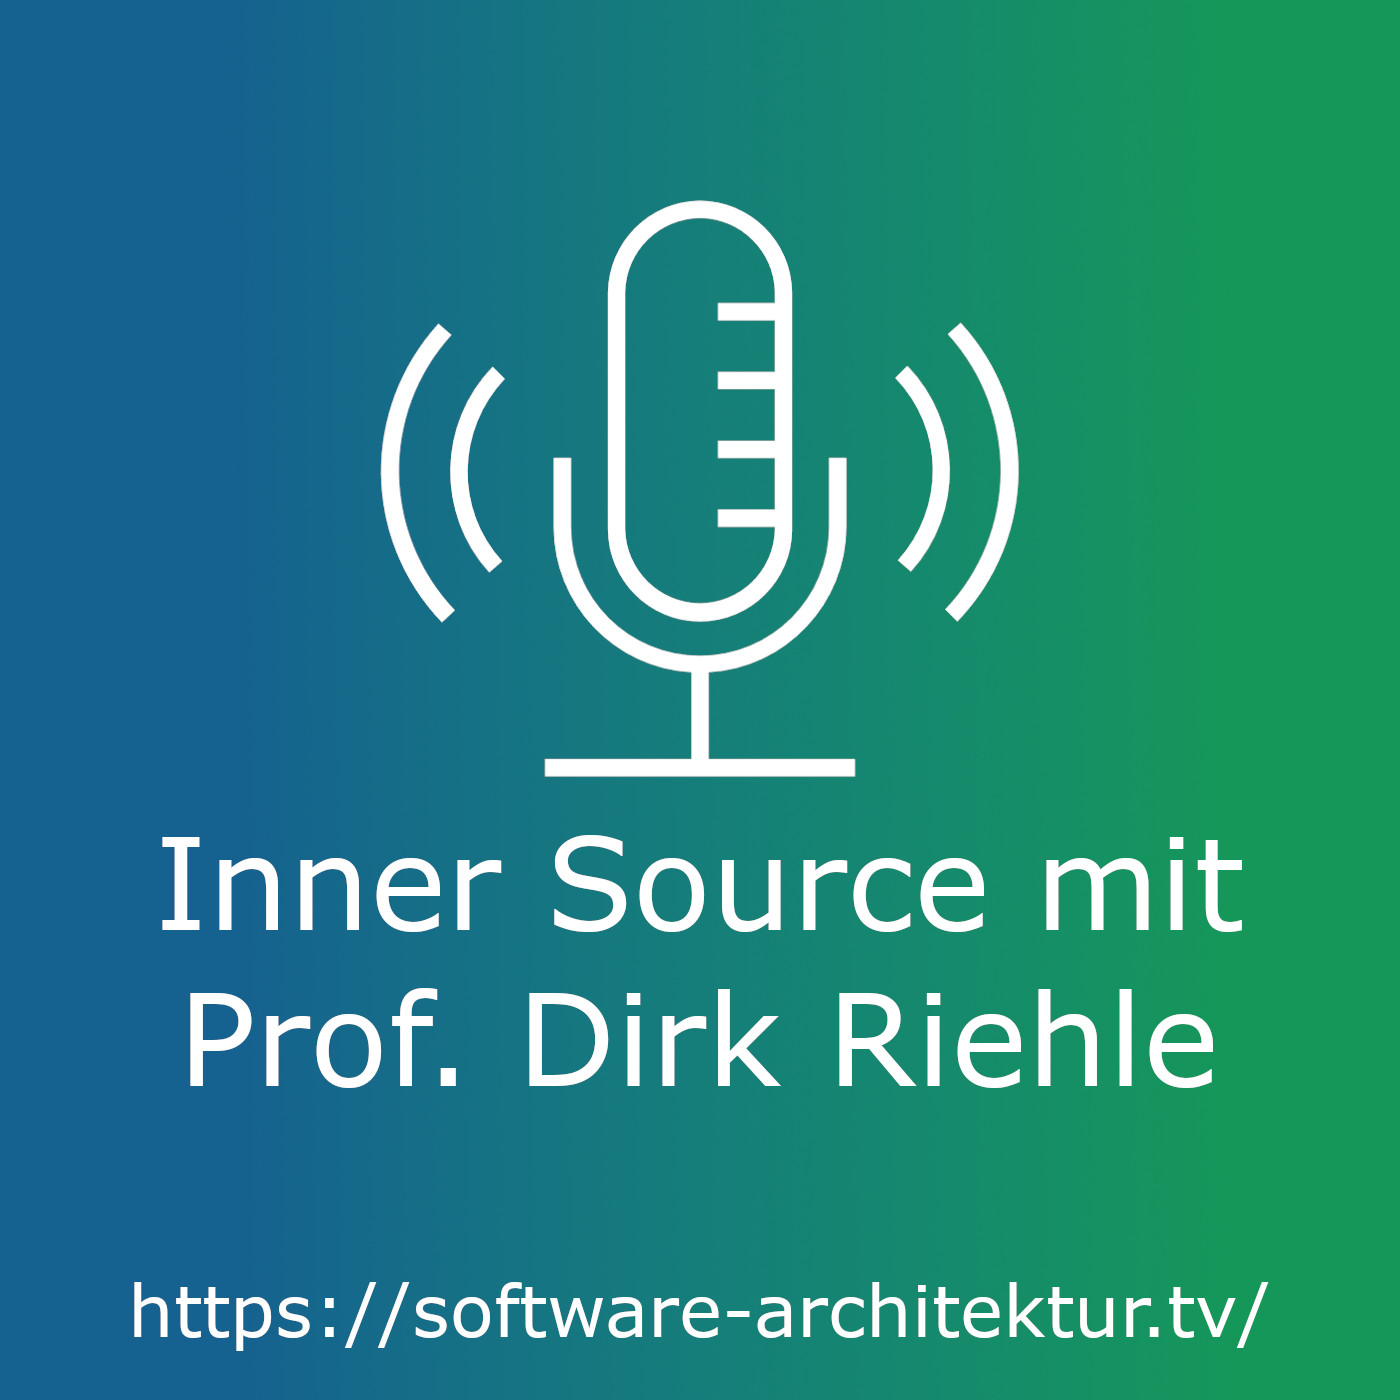 Inner Source - Mit Open-Source-Methoden Unternehmenssilos einreißen mit Prof. Dirk Riehle